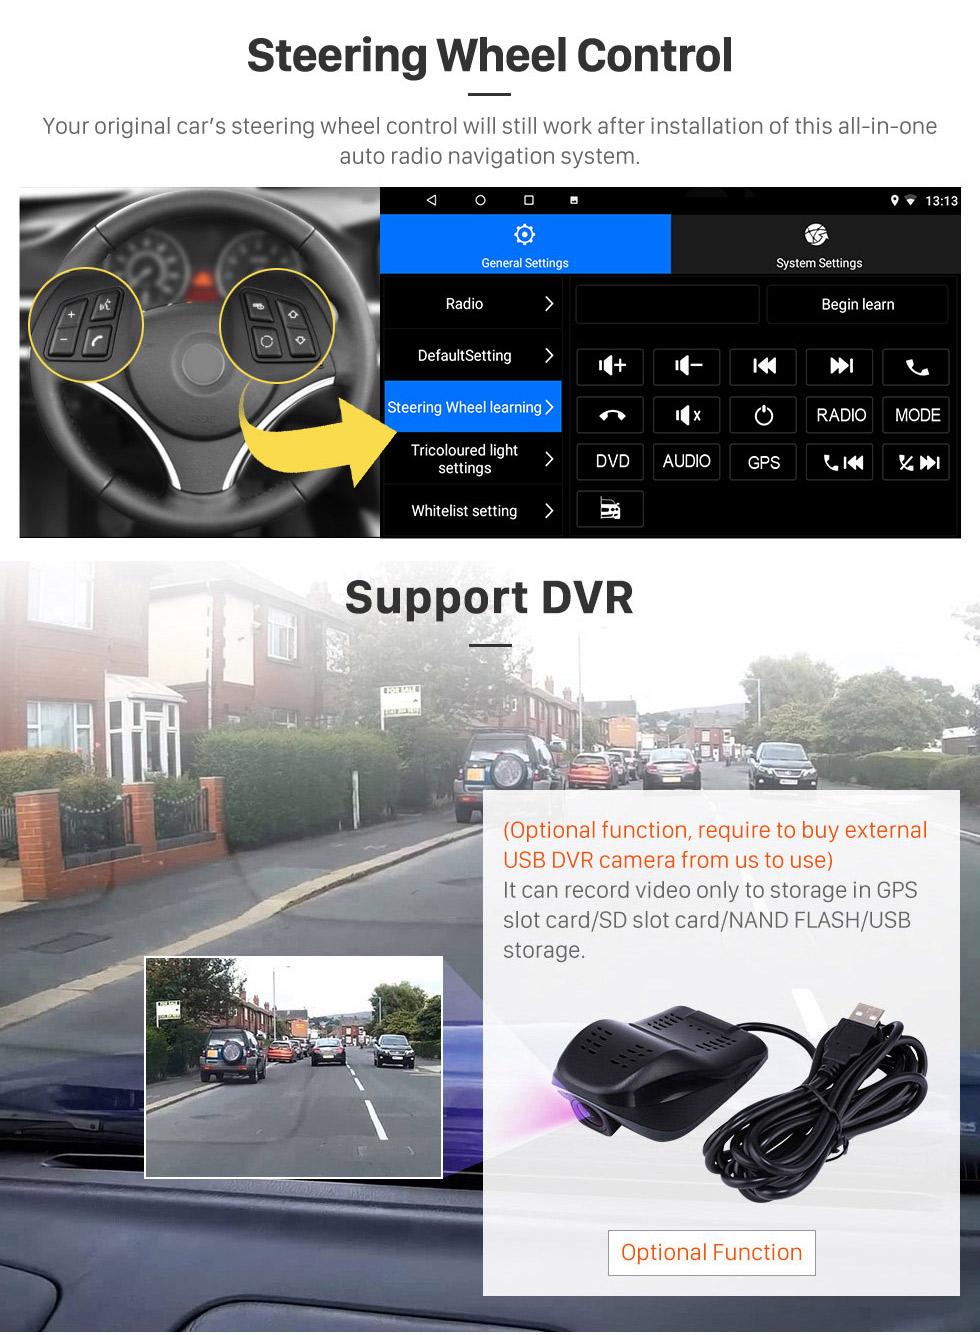 Seicane 10,1 polegadas HD Touchscreen Android 8.1 Rádio de navegação GPS para 2015 Toyota Camry (versão América) com suporte Bluetooth Carplay TPMS